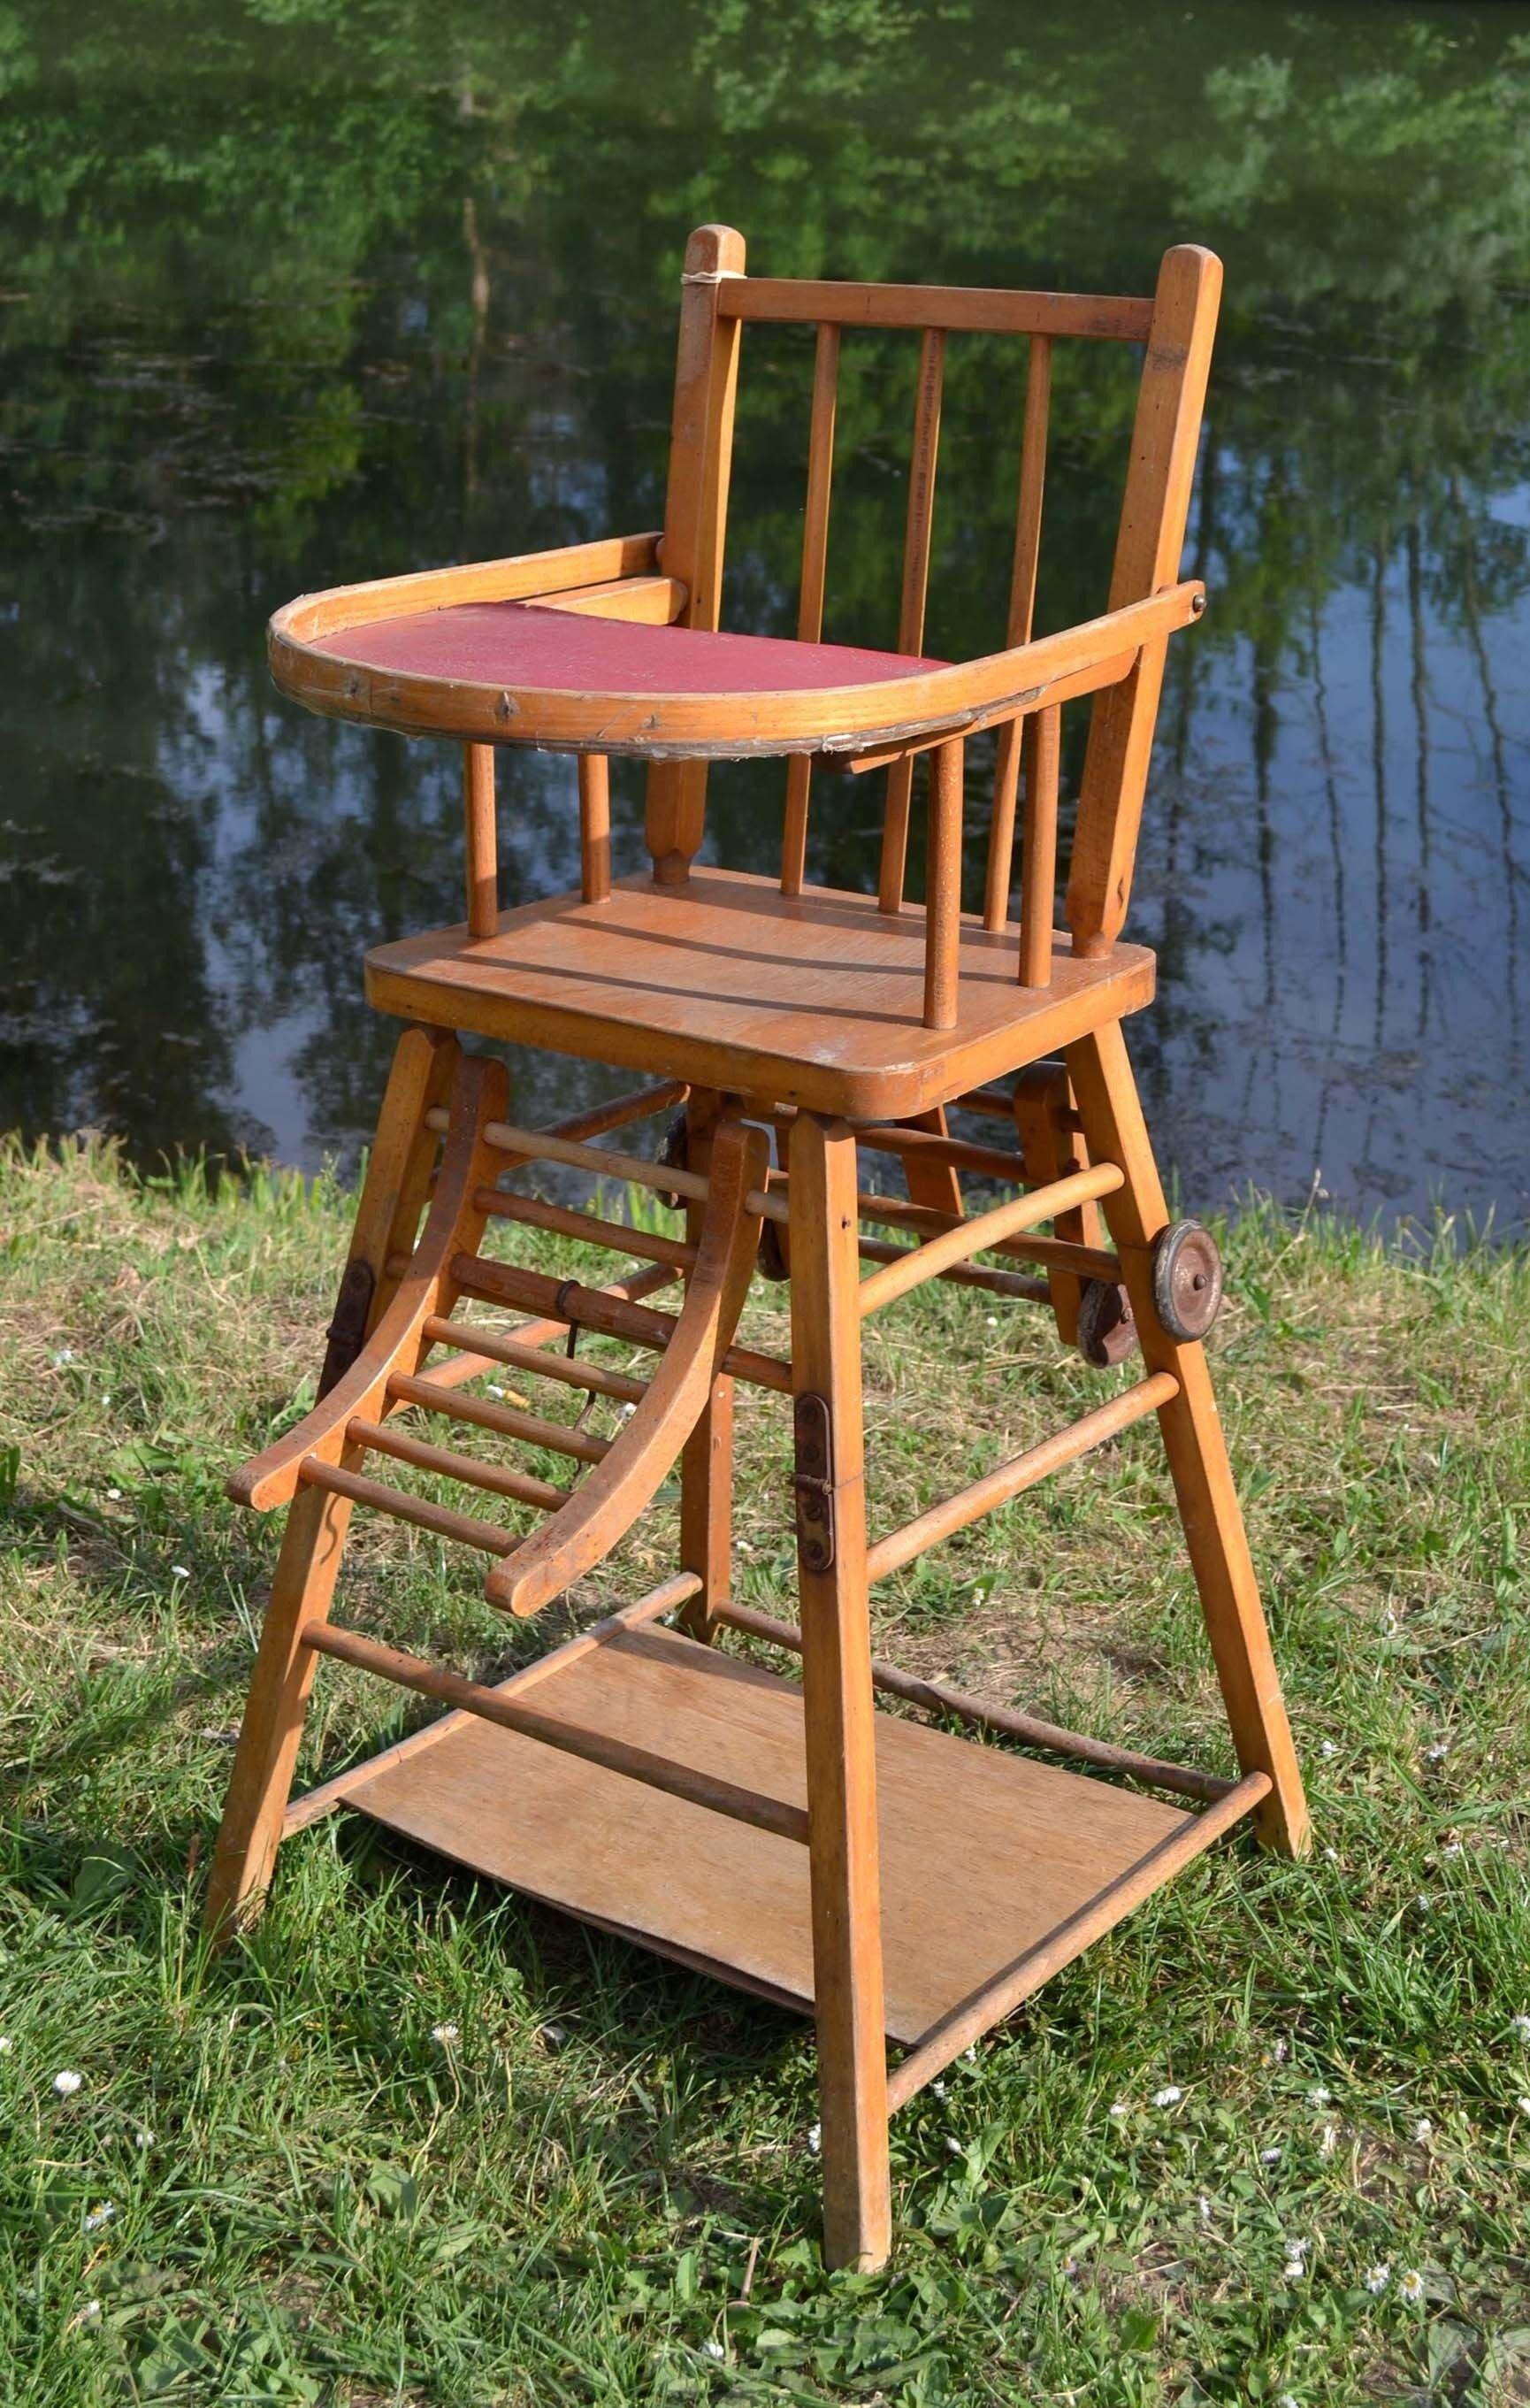 Lit Bébé Pliant Bois Inspirant attrayant Chaise Bébé Design Ou Chambre Bébé Mickey Chaise Haute